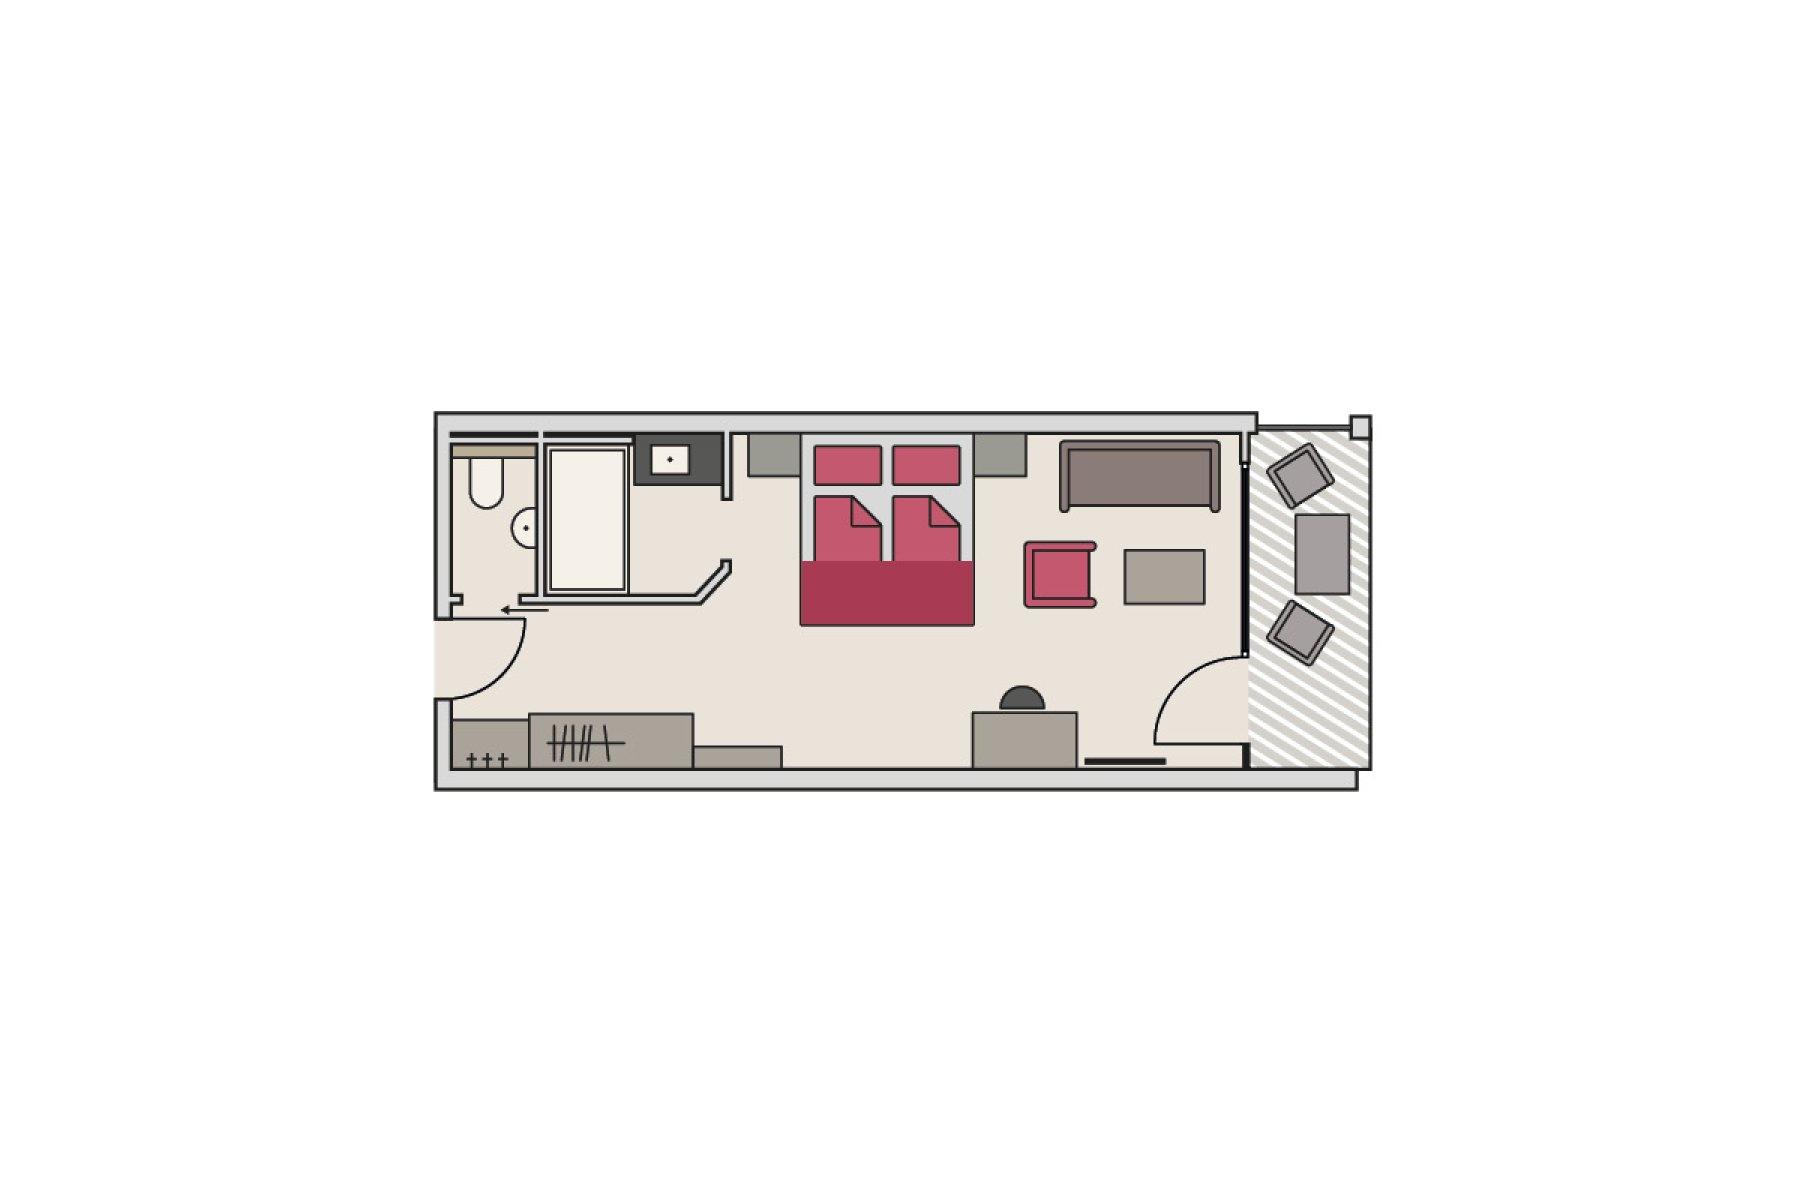 Zimmergrundriss Gutshof - Themenzimmer Schwalbennest